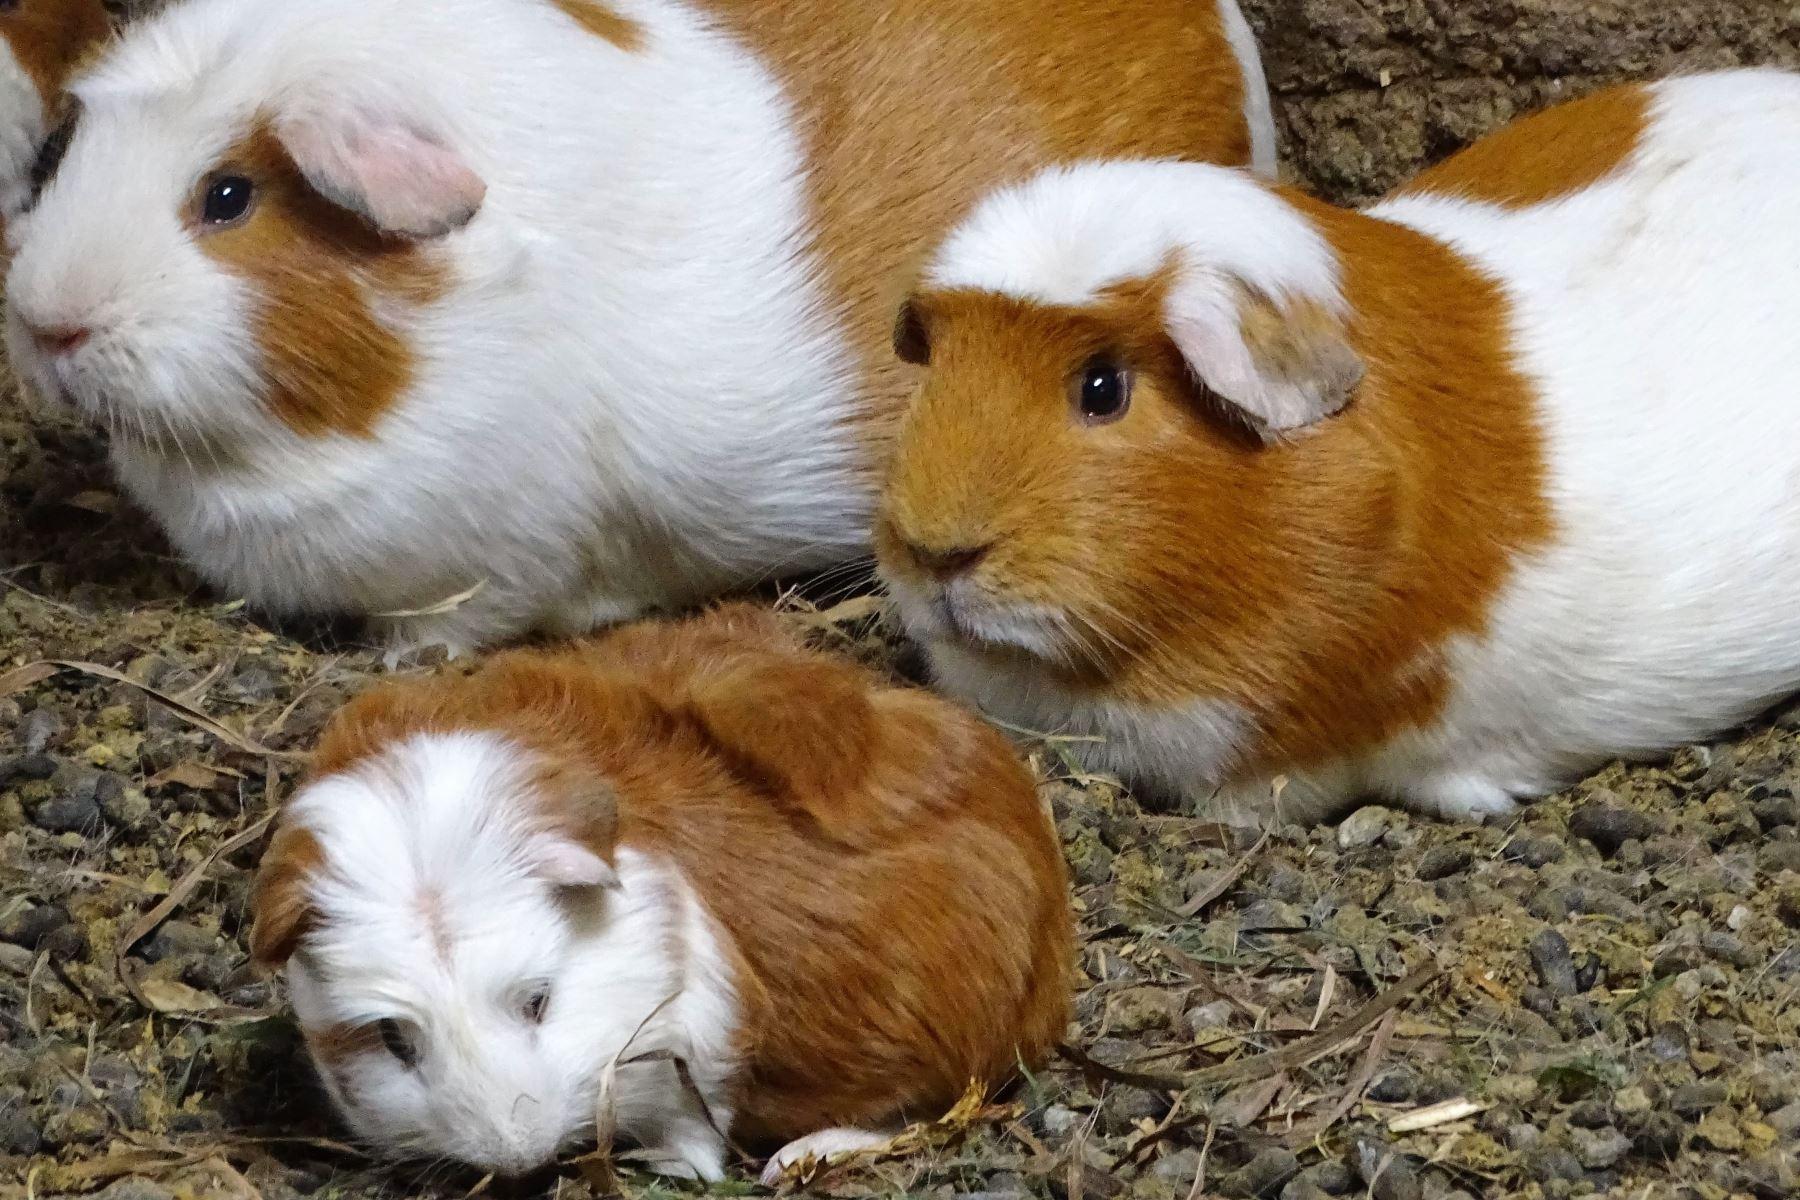 la carne de cuy contiene 20.3 % de proteína y supera a la carne de ave, vacuno, ovino y porcino. ANDINA